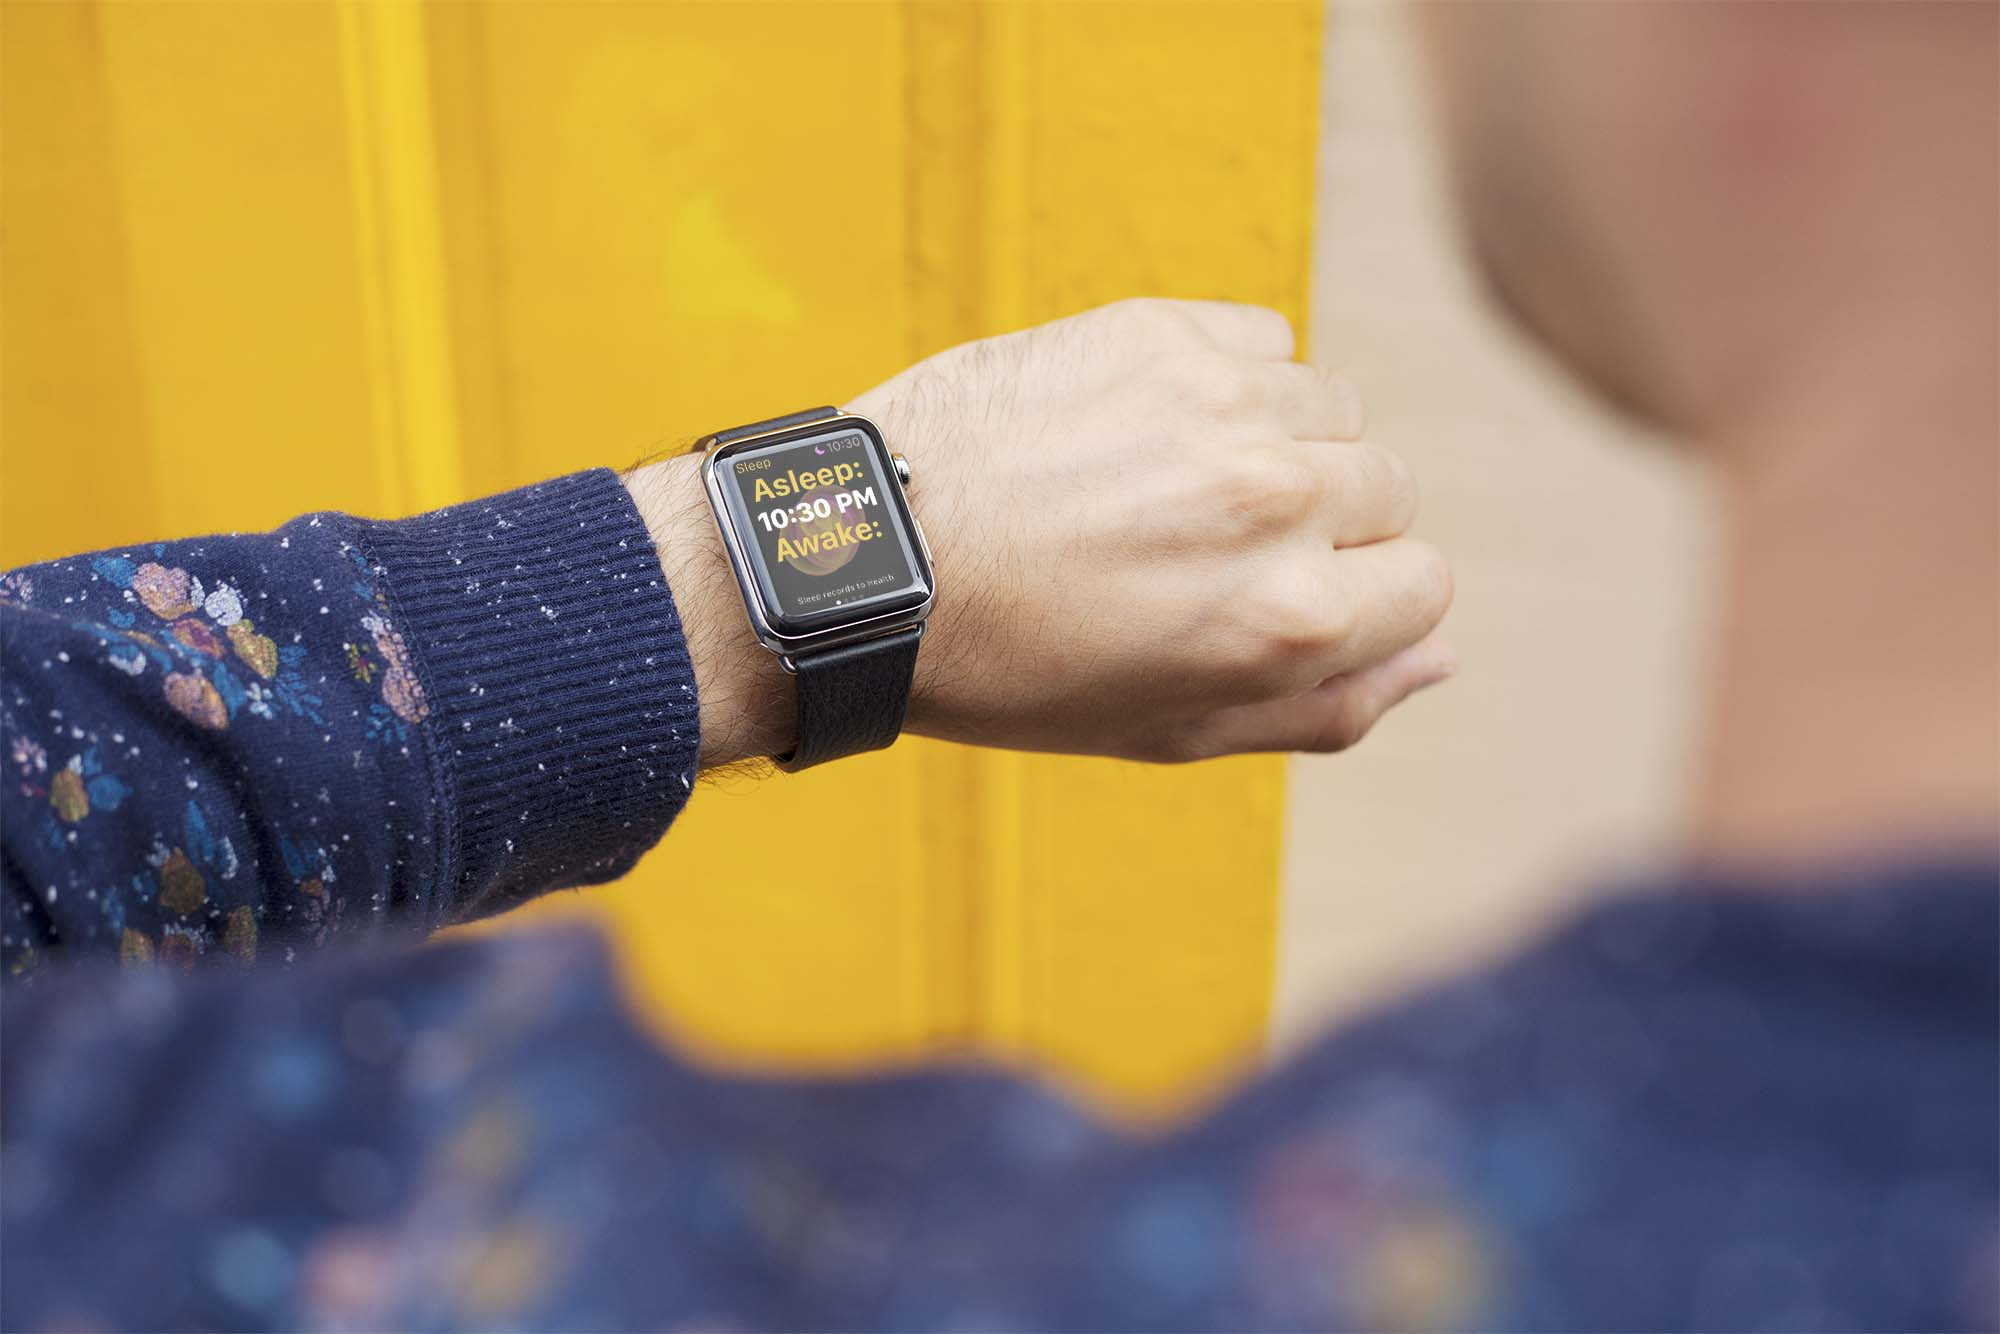 Apple Watch Mockup 08